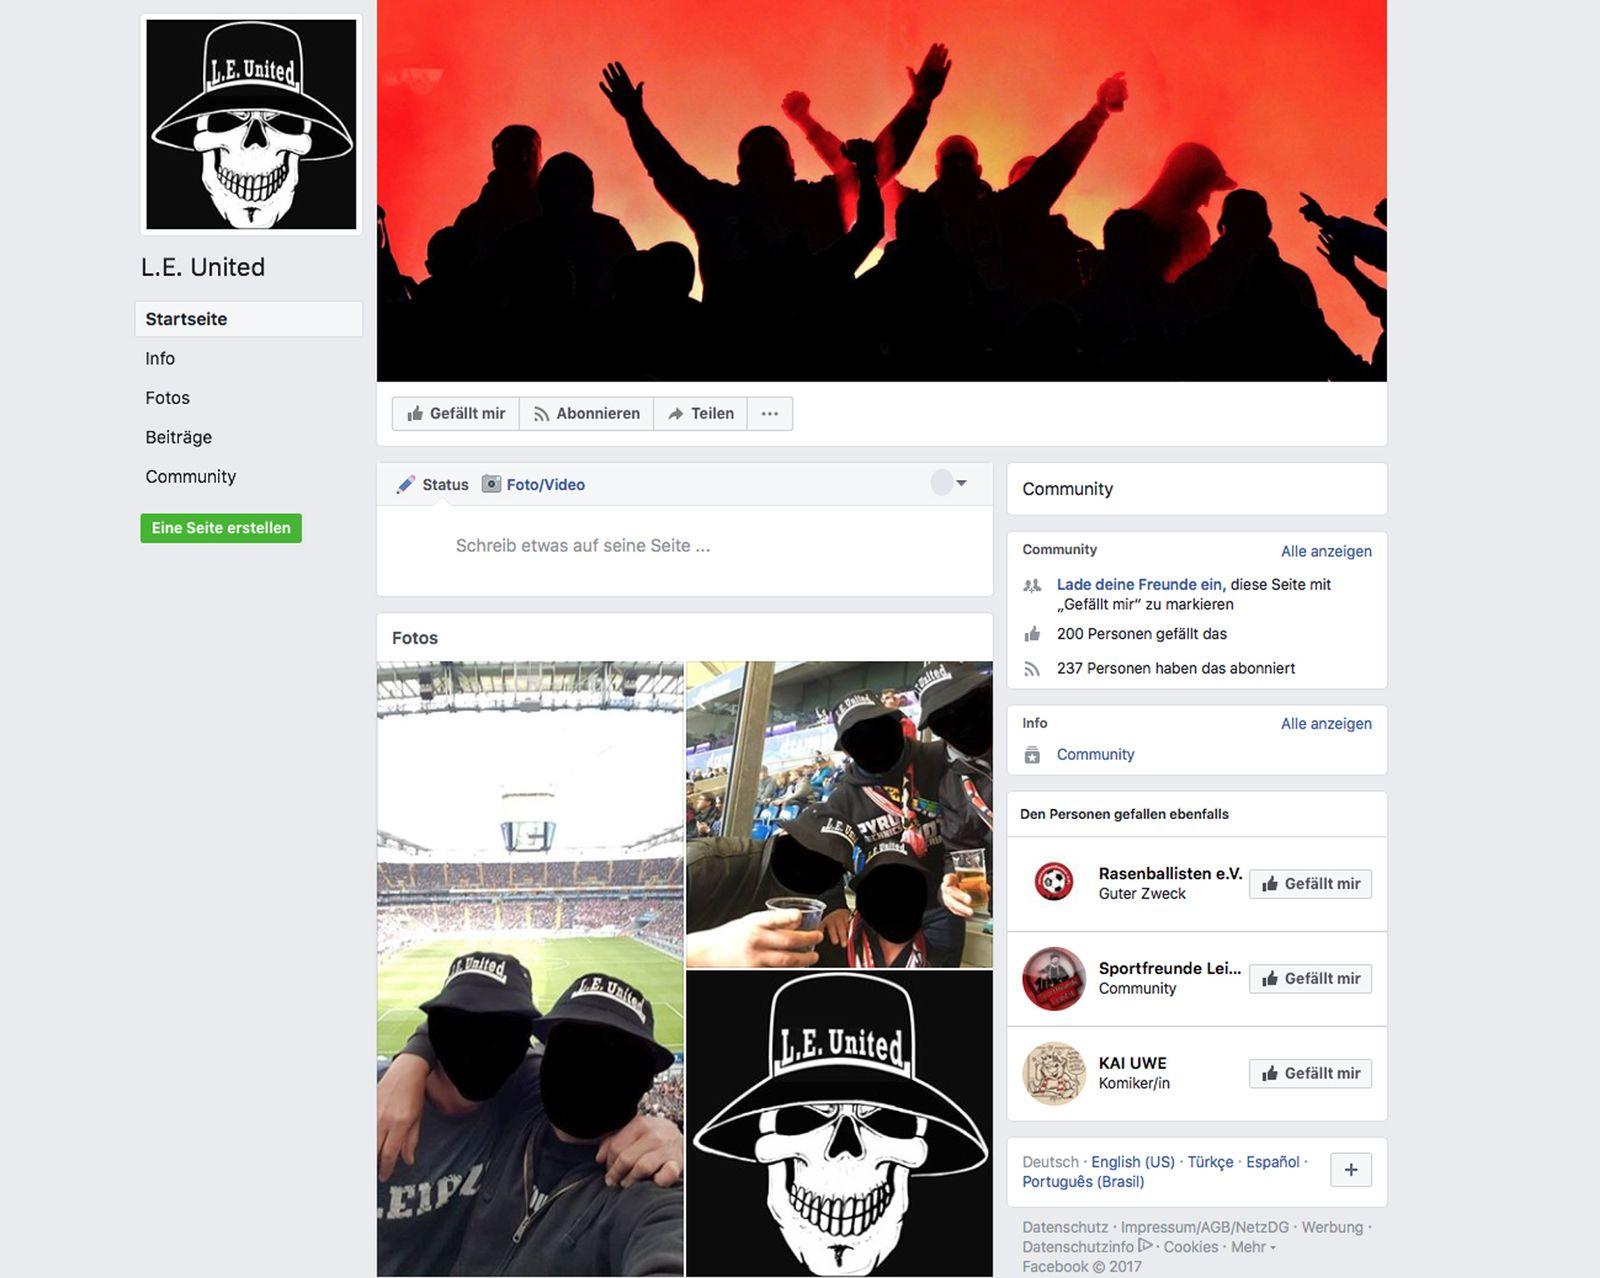 NUR ALS ZITAT/ EINMALIGE VERWENDUNG / L.E. United/ Facebook